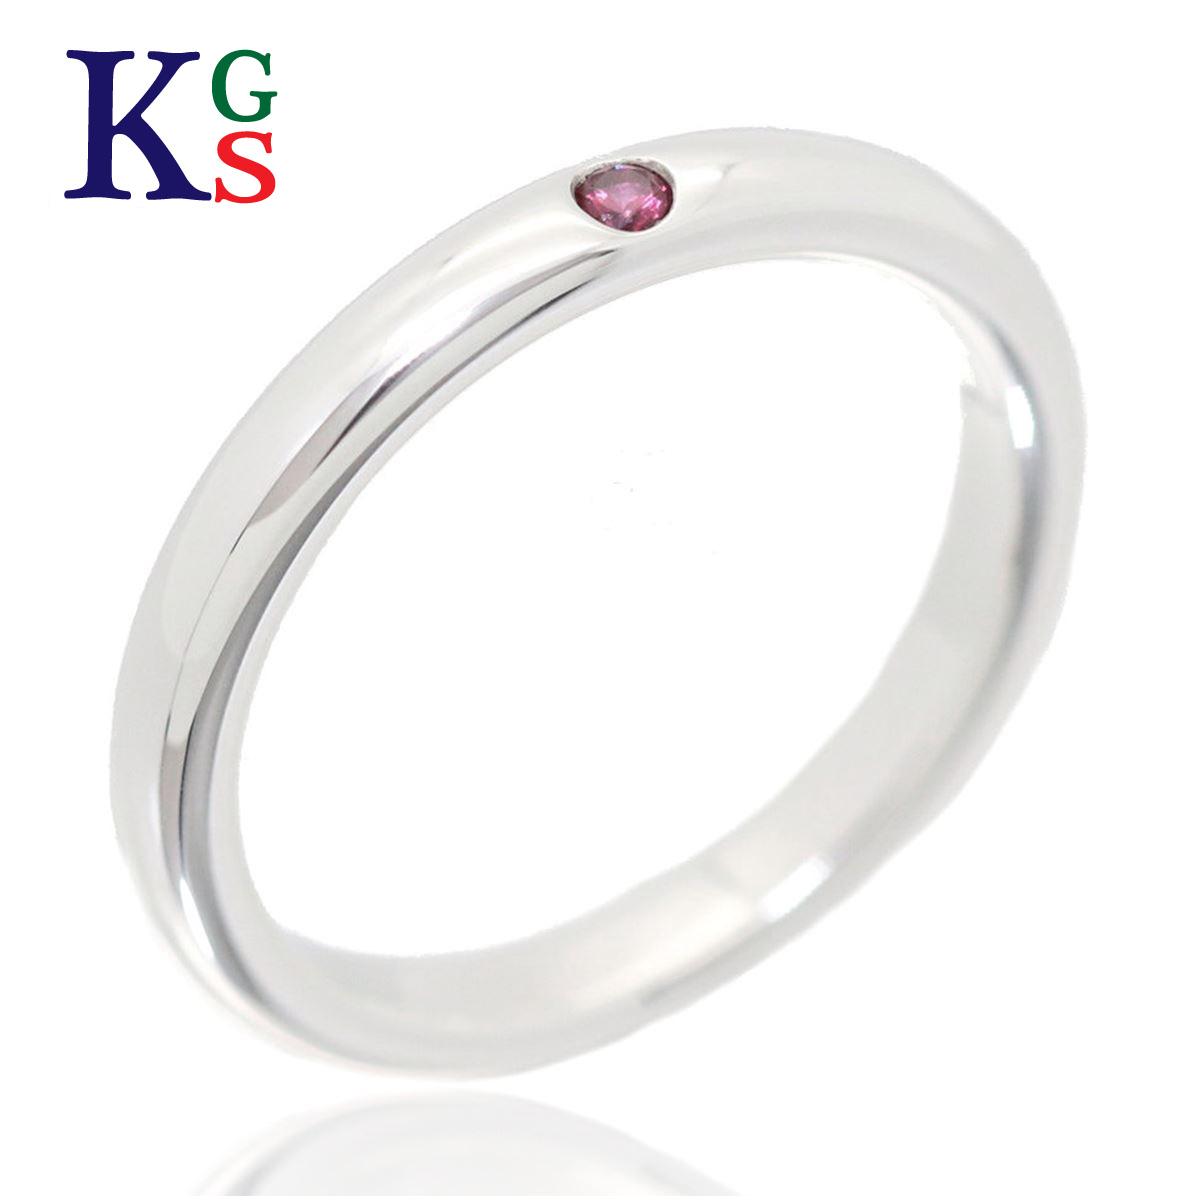 【ギフト品質】【名入れ】【4号-23号】ティファニー/Tiffany&Co / スタッキング バンドリング ワンポイント レディース ジュエリー / 1Pピンクサファイヤ 指輪 Ag925